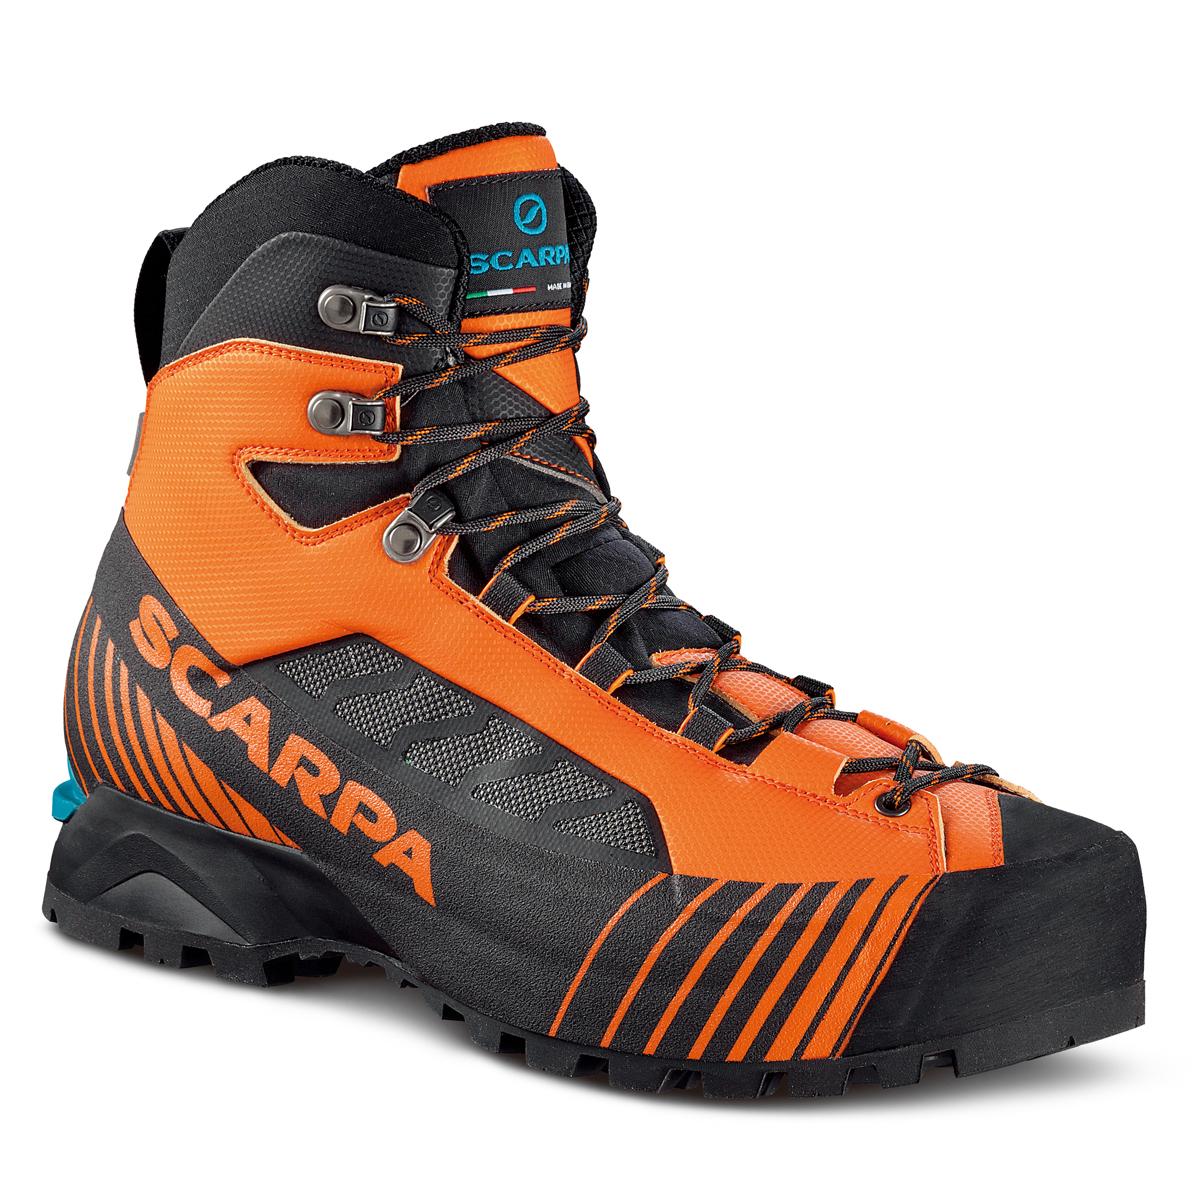 スカルパ 登山靴 リベレライトHD サイズ41(26cm)/ トニック/ブラック sc23238